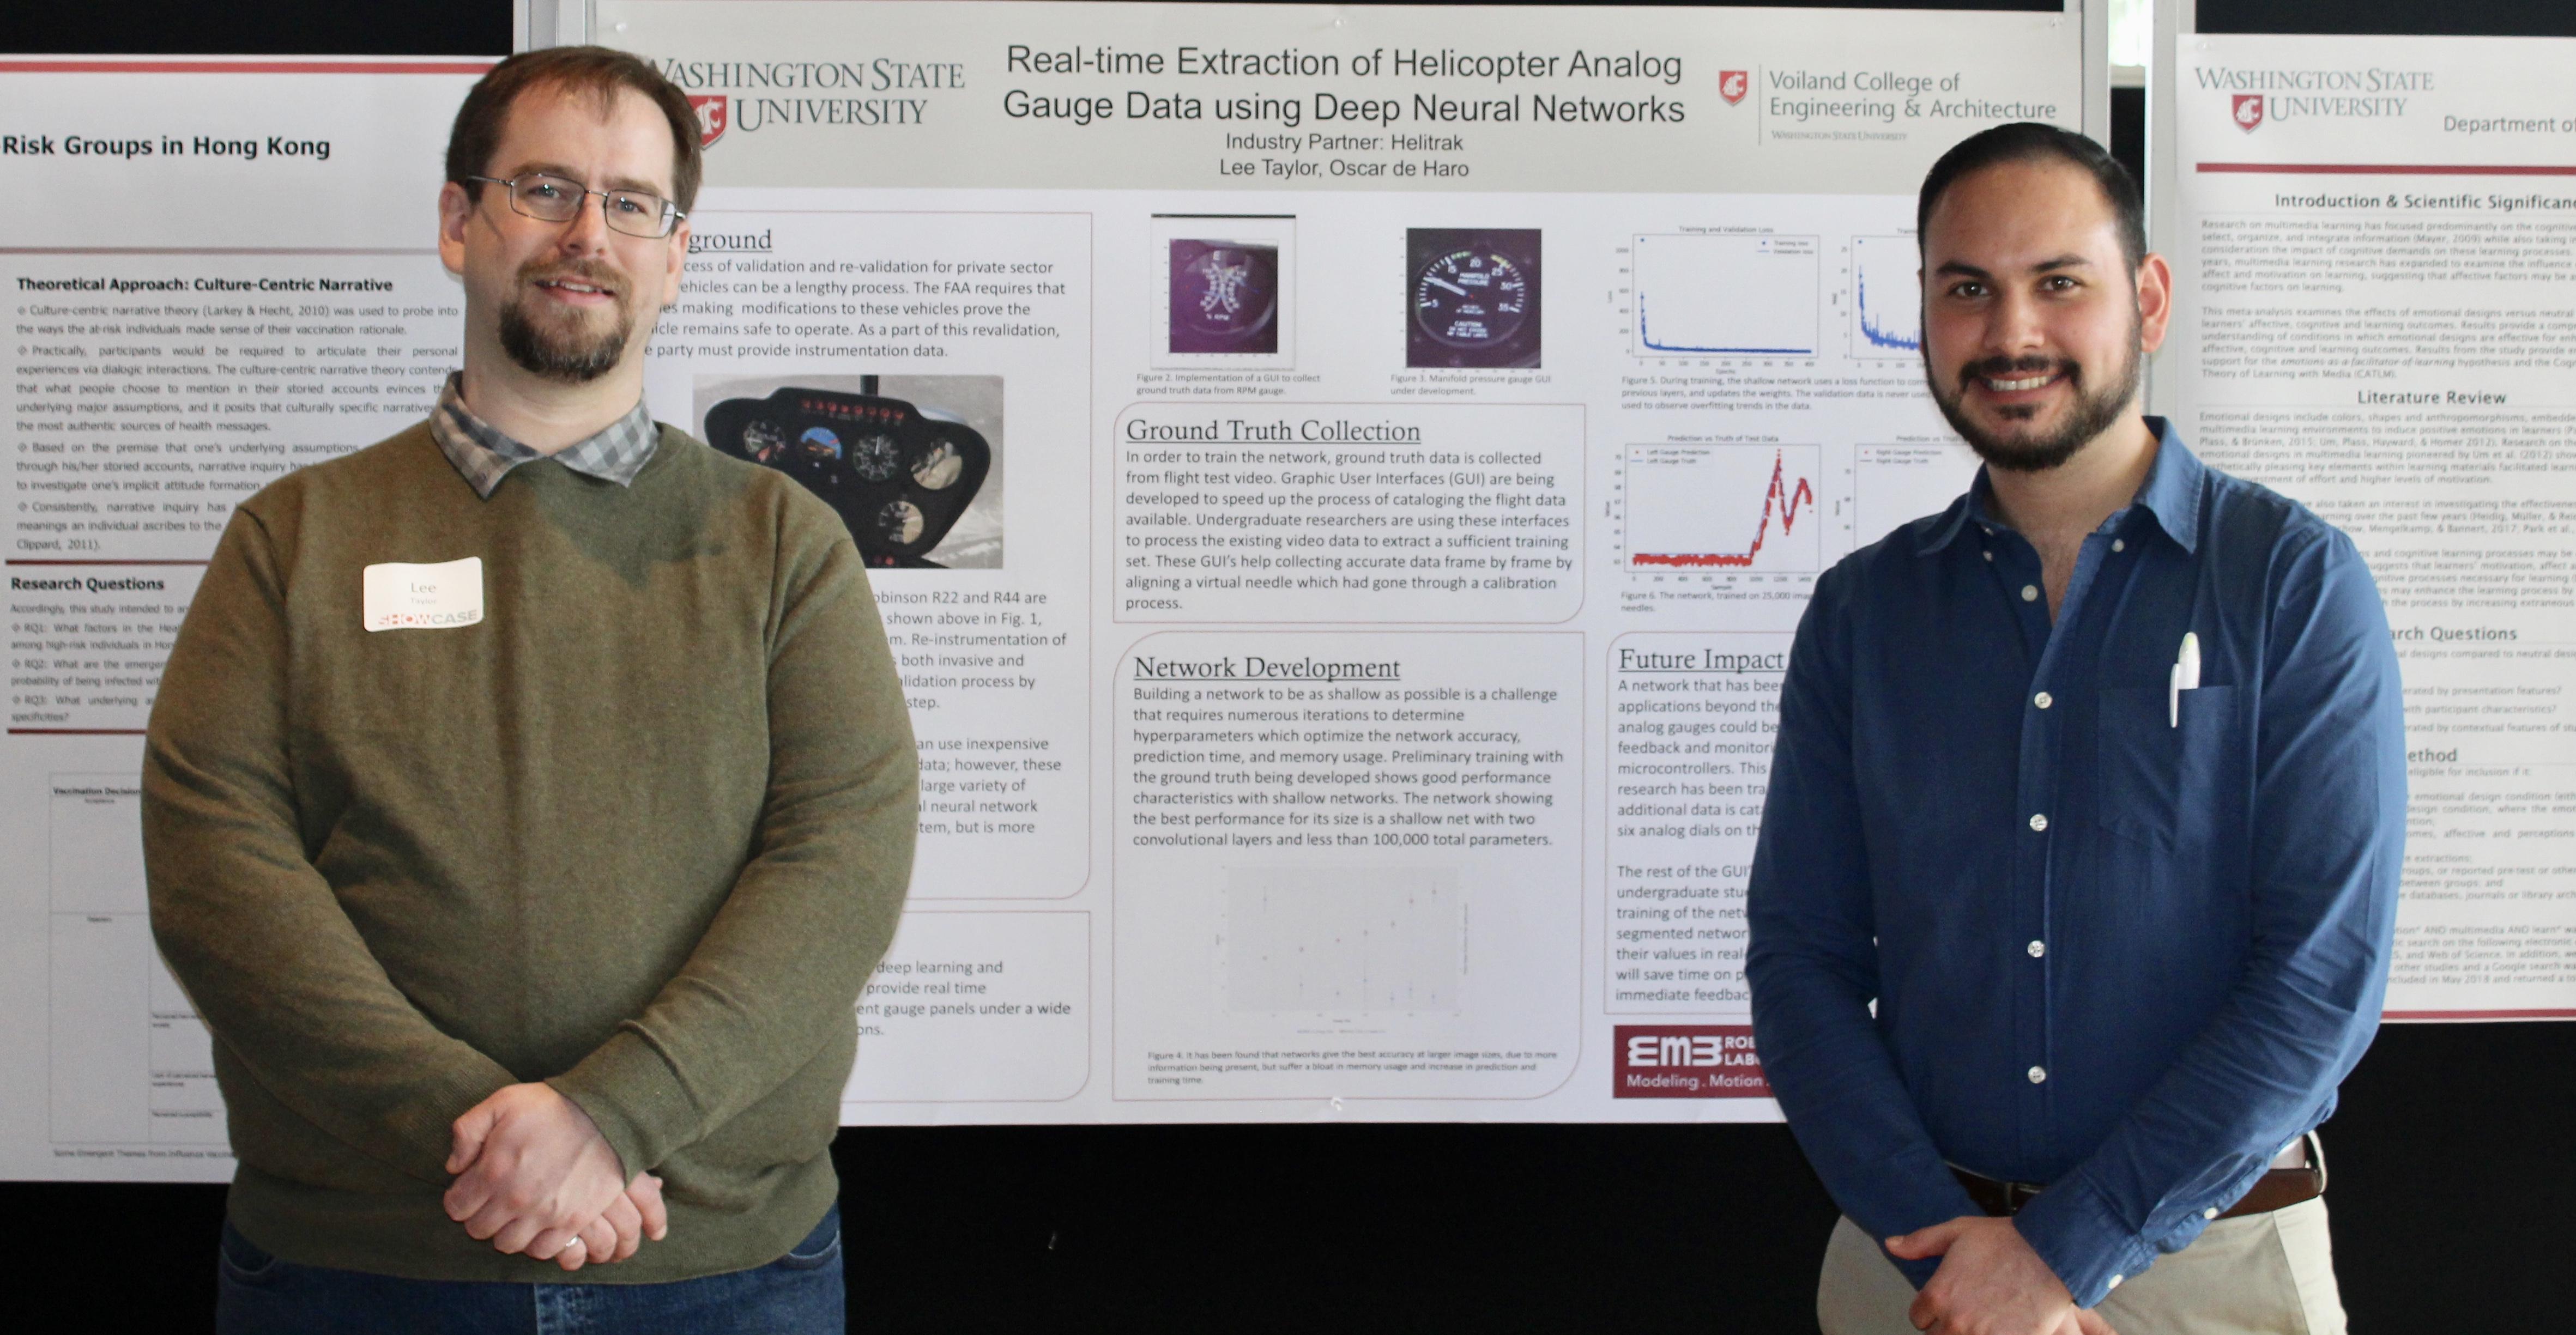 wsu research showcase 2019